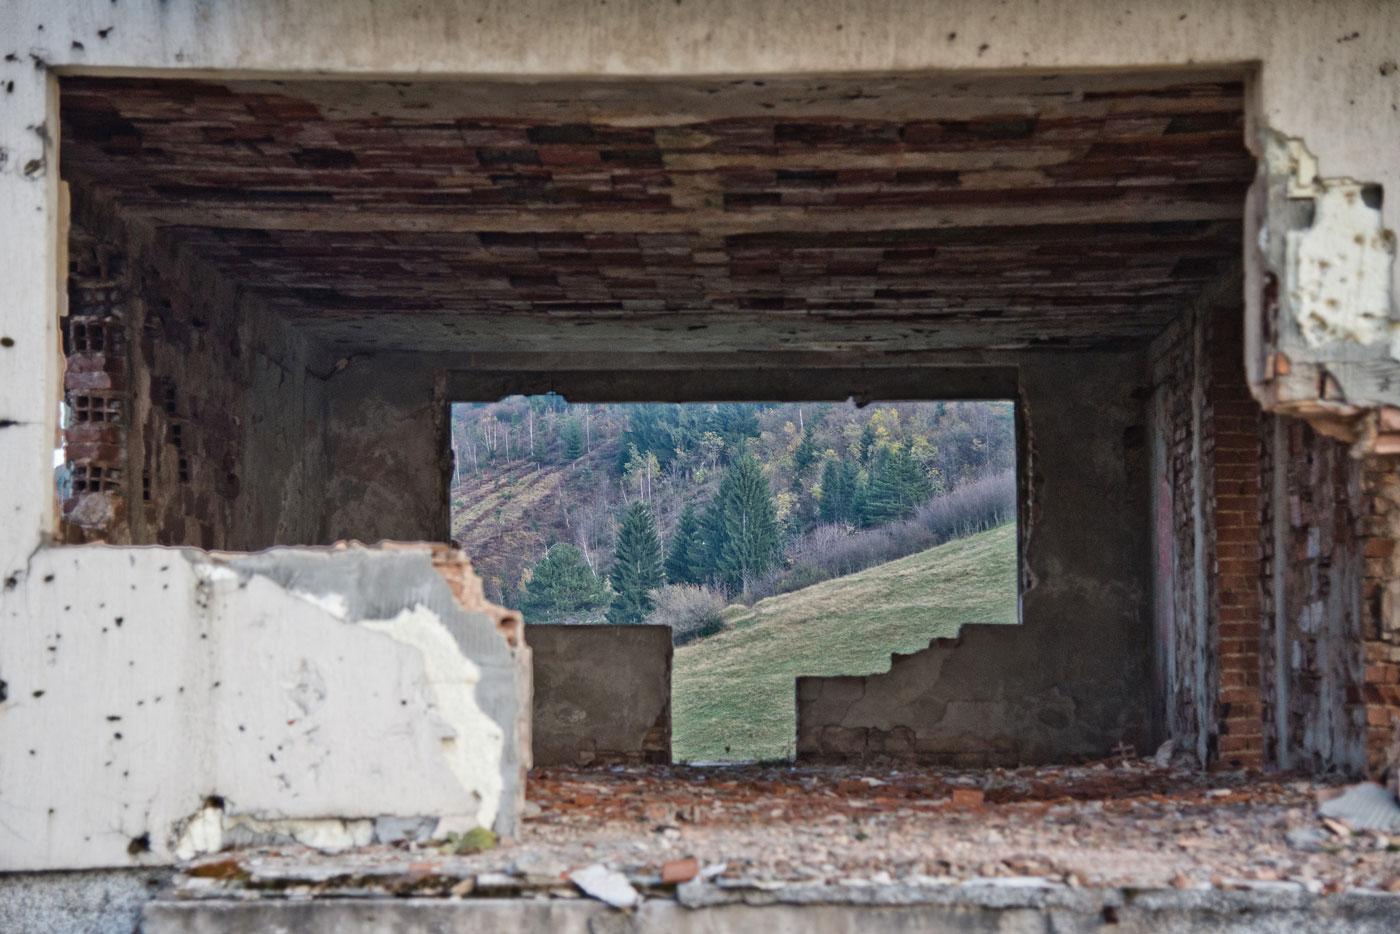 Pod zemljom: in viaggio nei Balcani lungo il sentiero delle mine